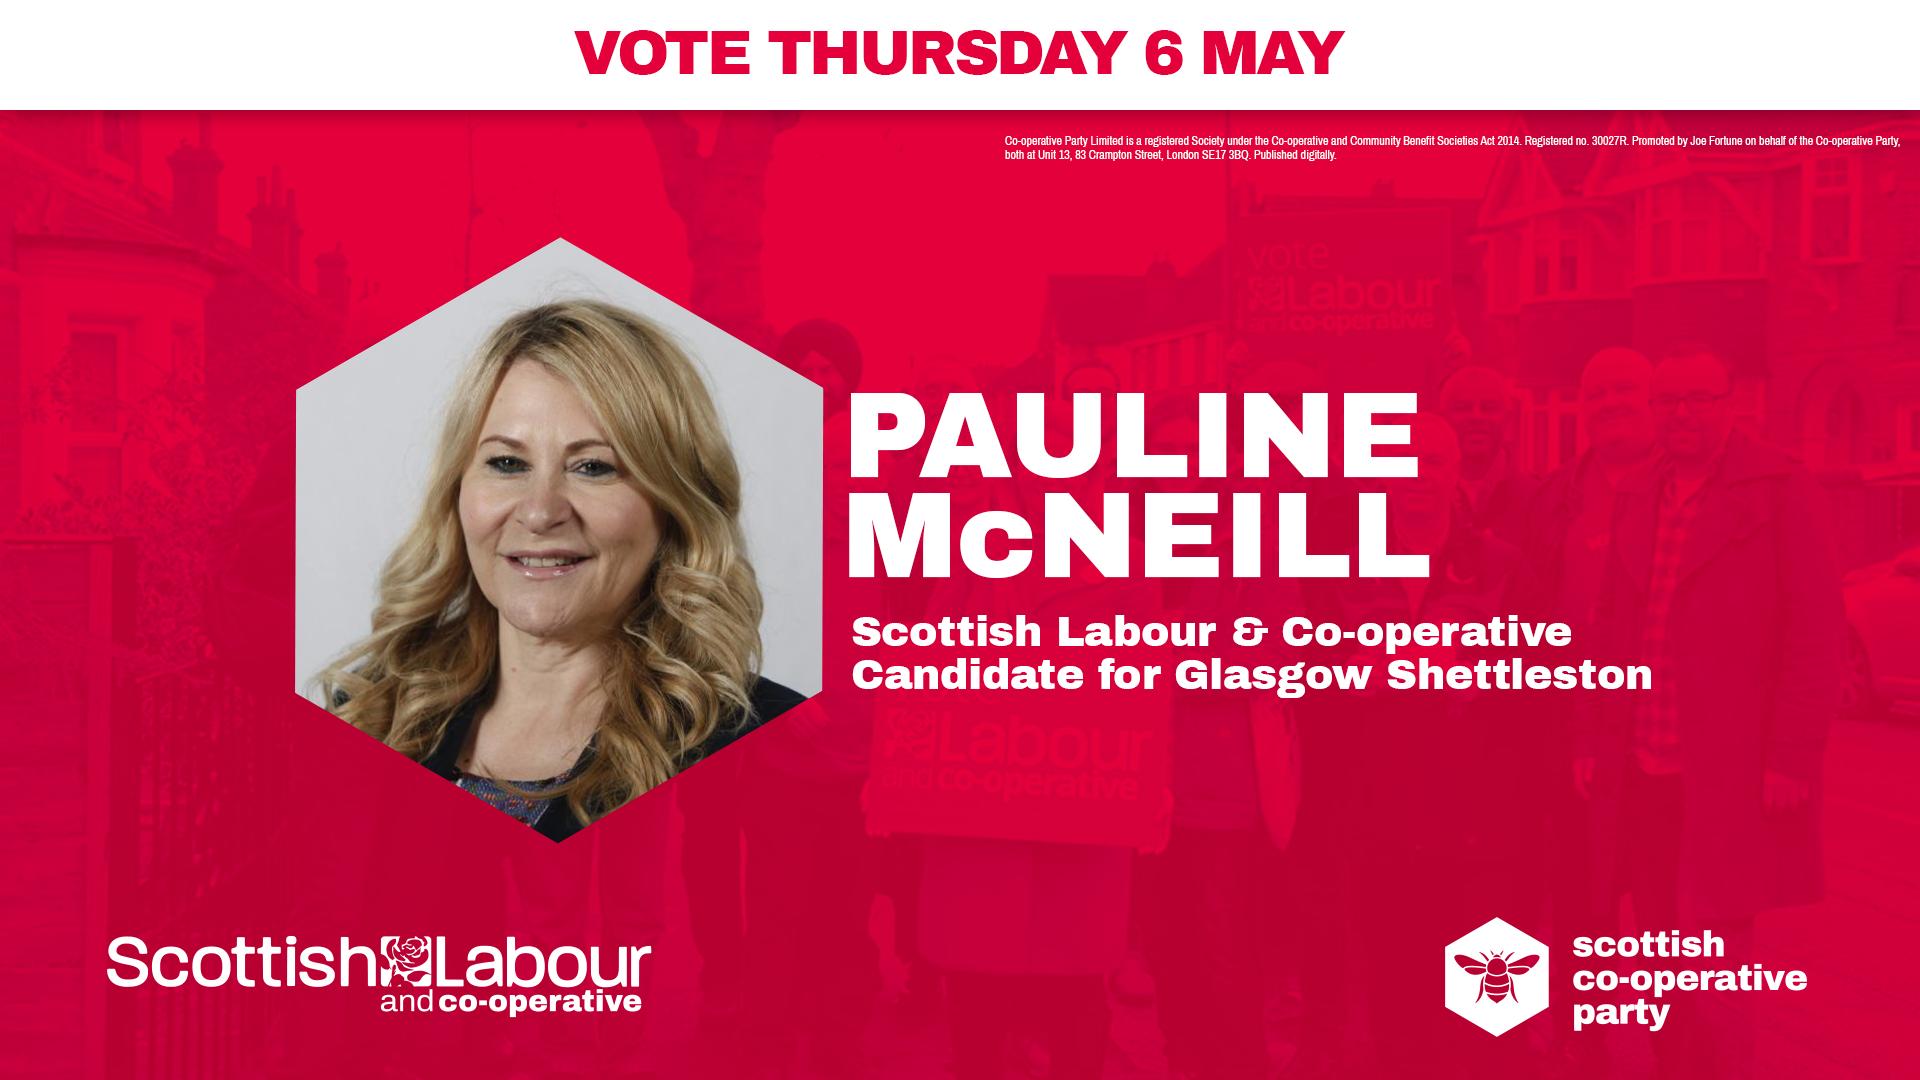 Pauline McNeill